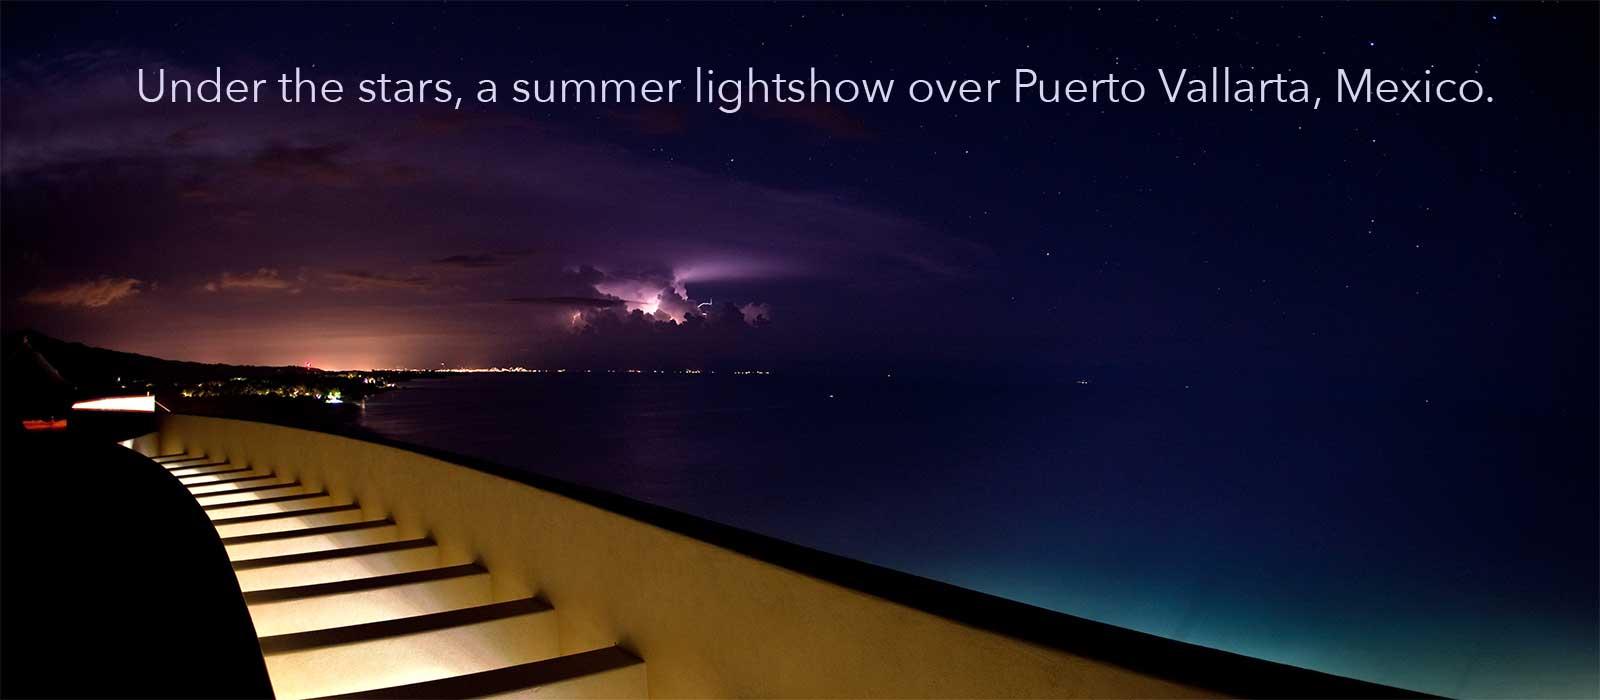 PVSR - The Glass Penthouse at Punta de Mita Mexico - PVSR 604